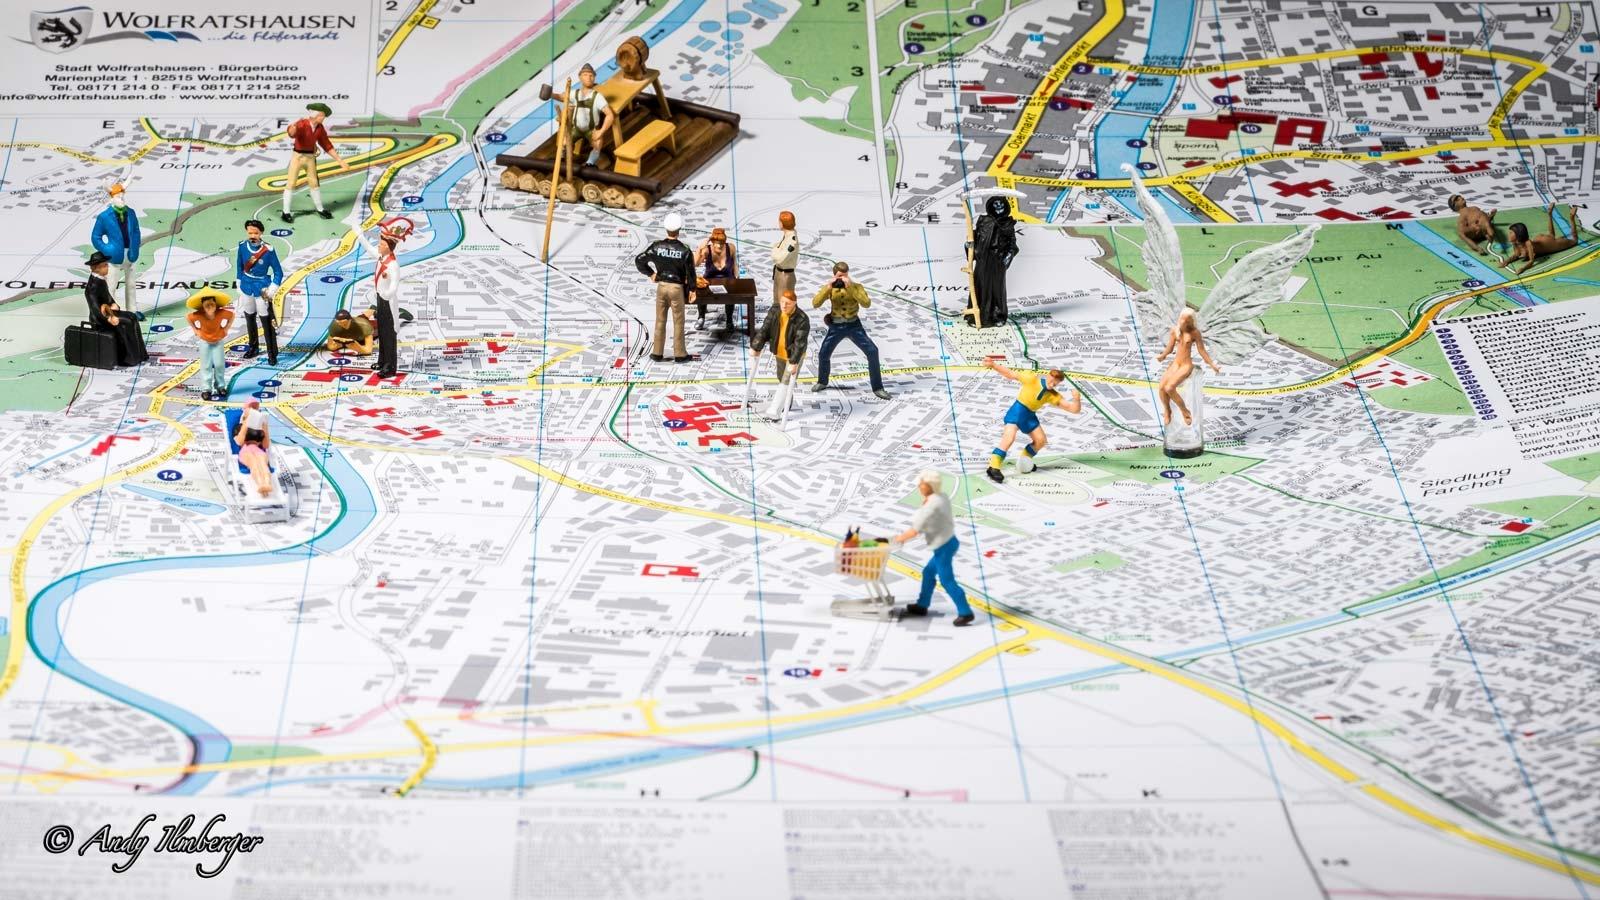 Stadtplan Wolfratshausen Gesamtübersicht